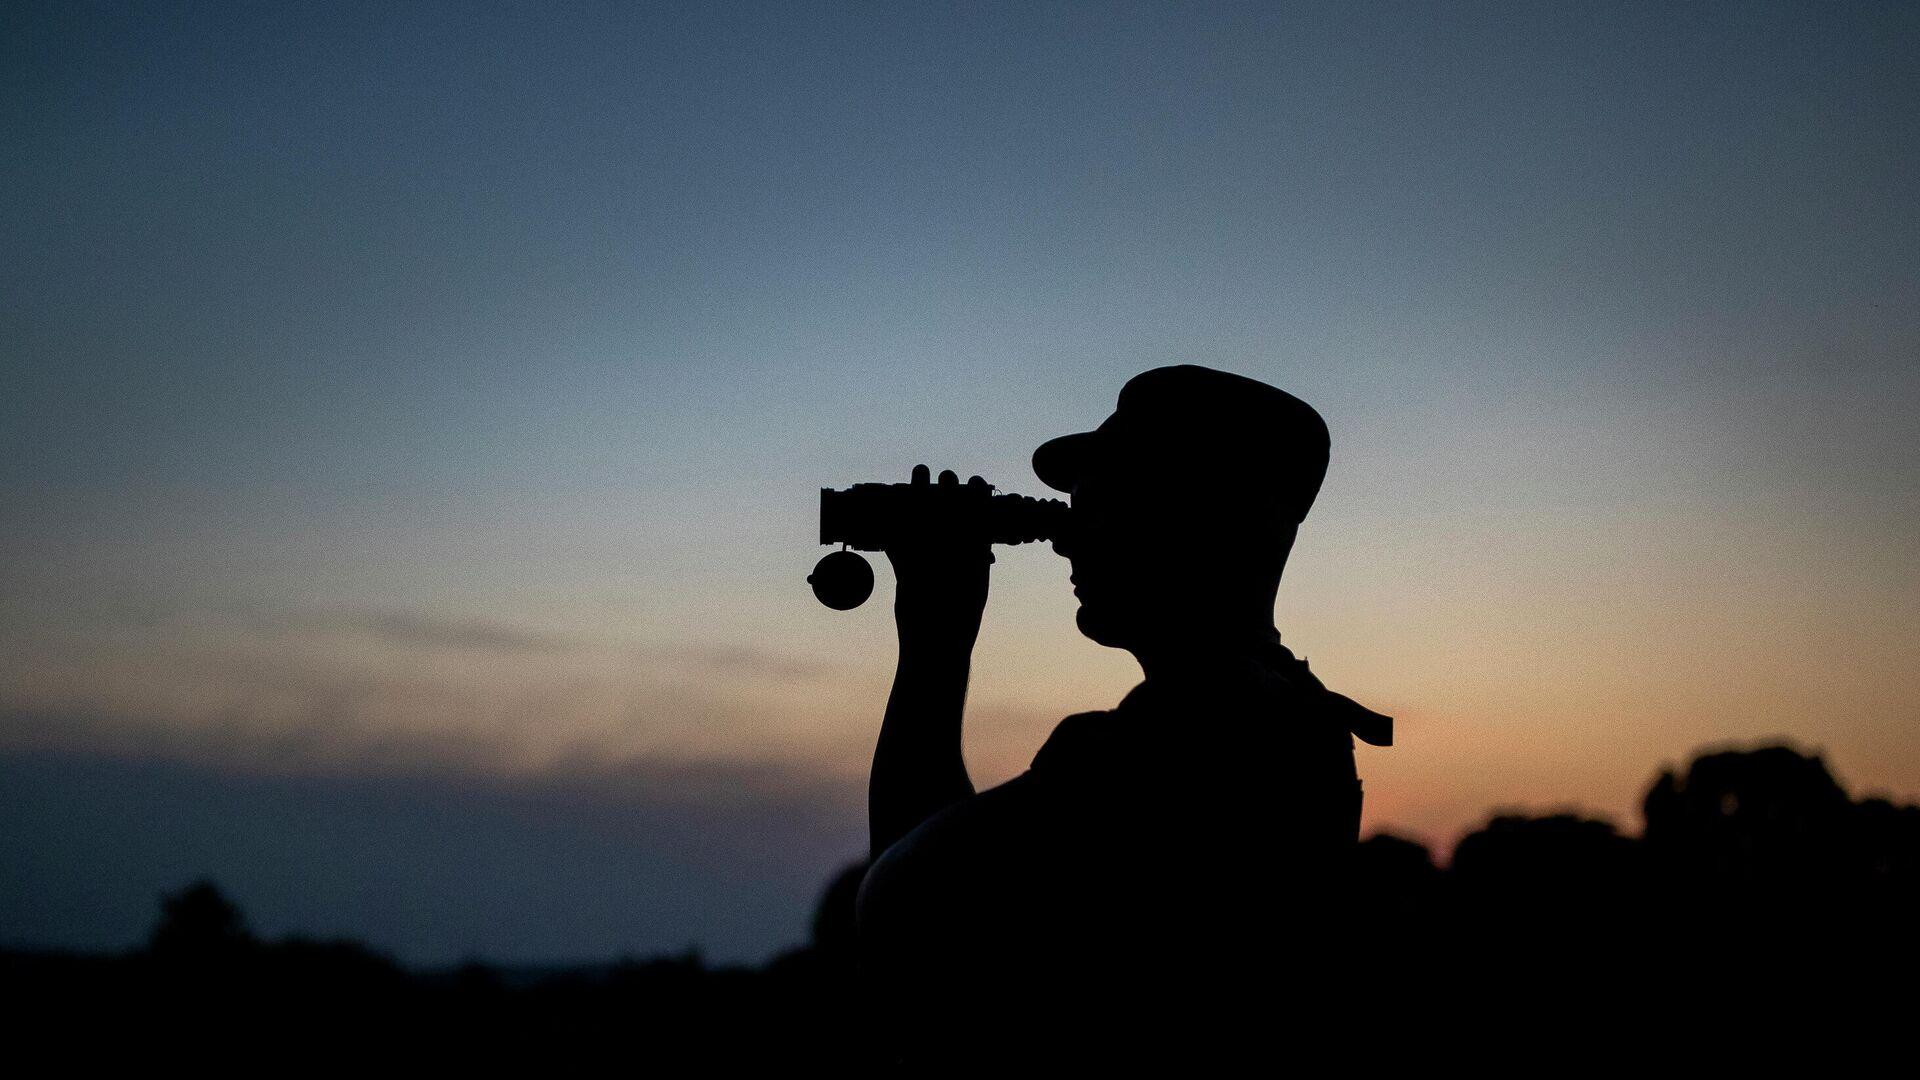 Литовский пограничник патрулирует границу с Белоруссией  - РИА Новости, 1920, 09.09.2021